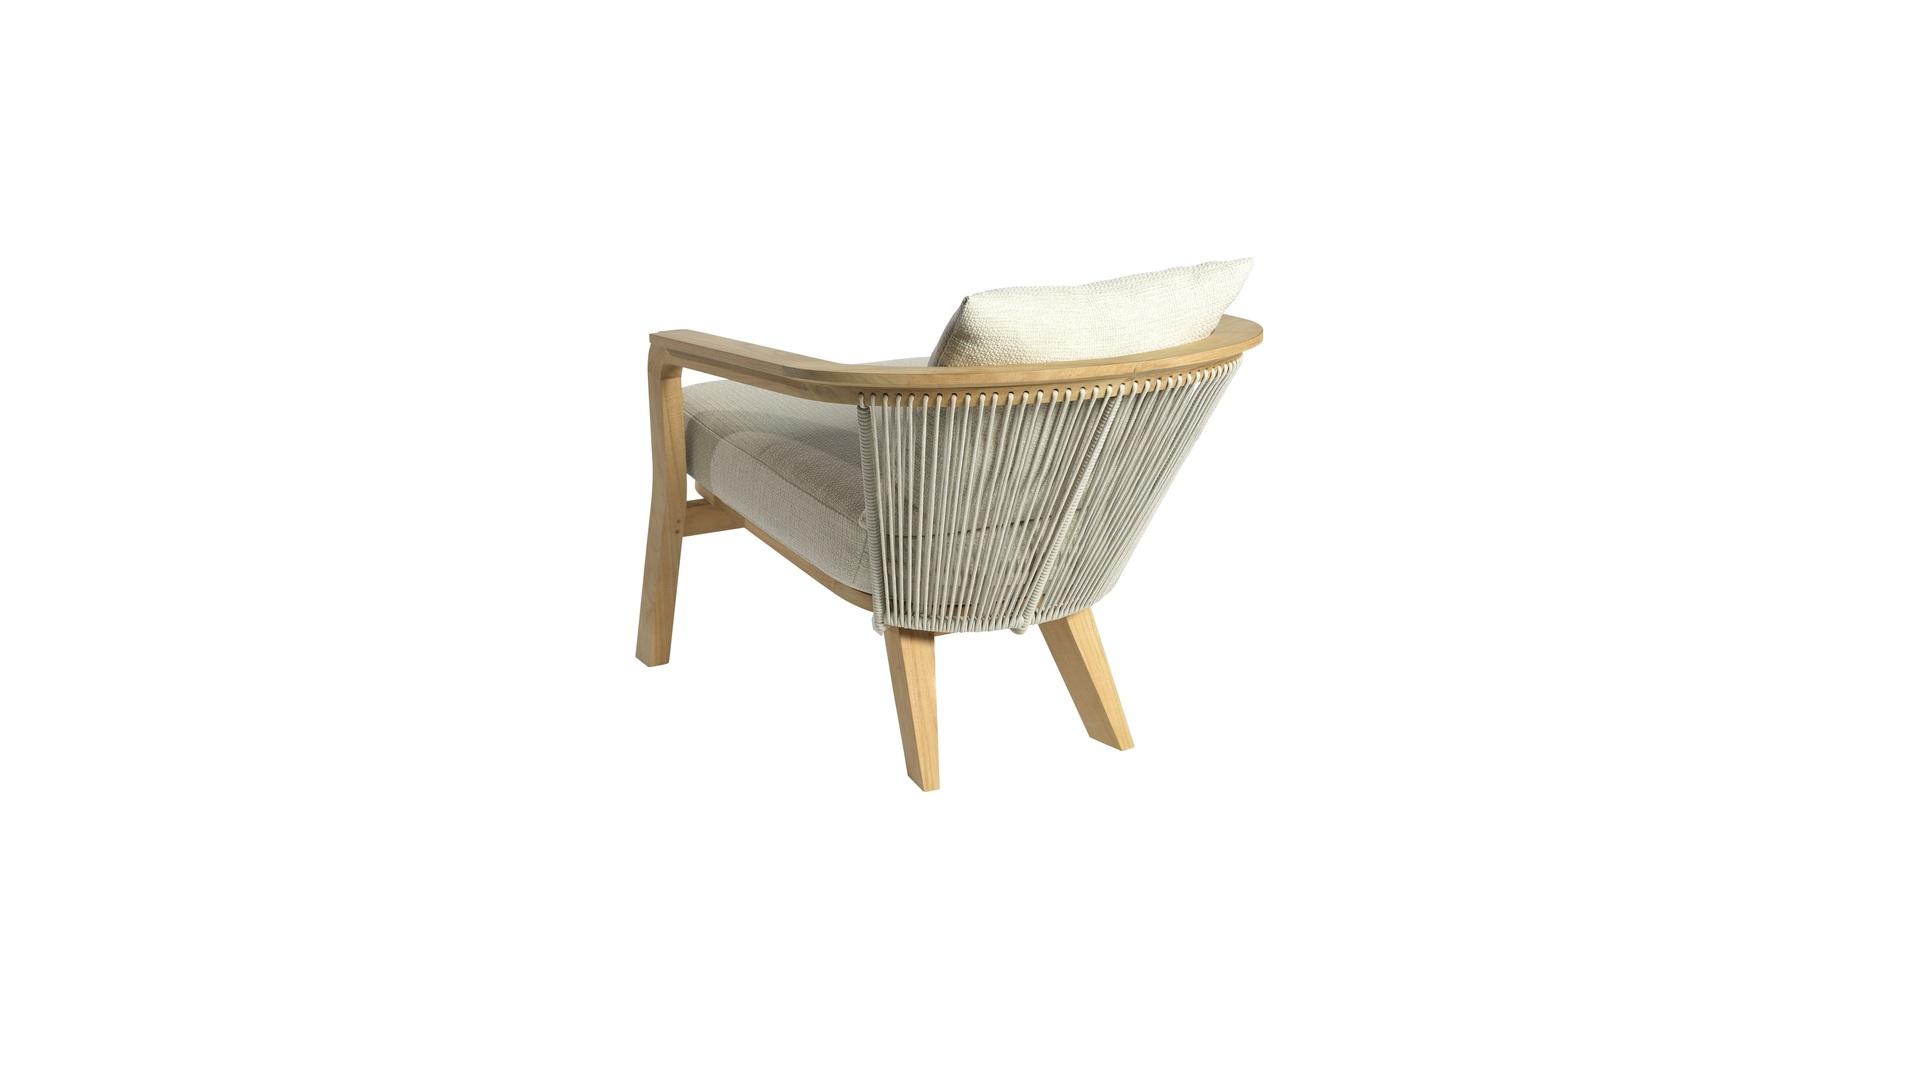 2020 Borek teak Chepri lounge chair 5682 backside 2.jpg